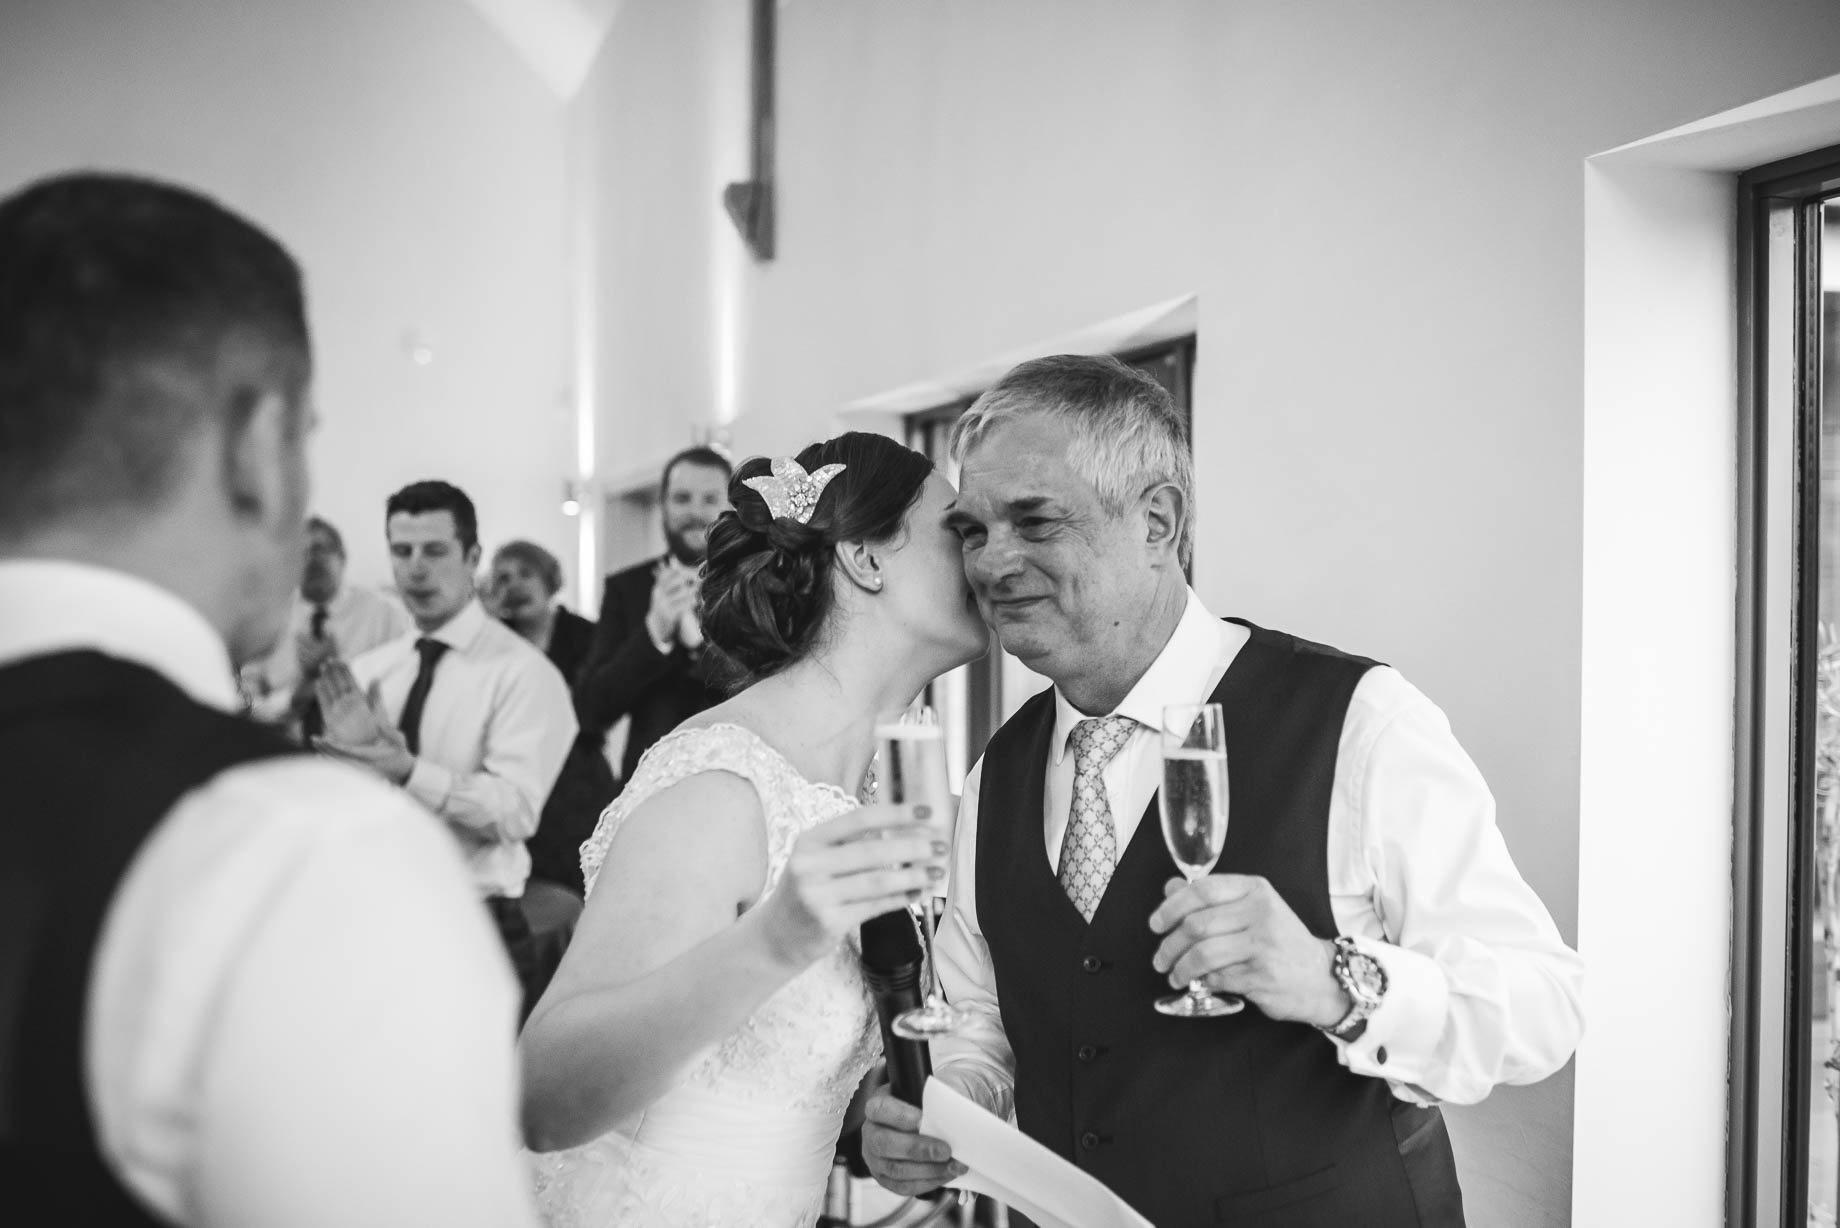 Millbridge Court Wedding Photography - Lisa and Daniel (140 of 173)